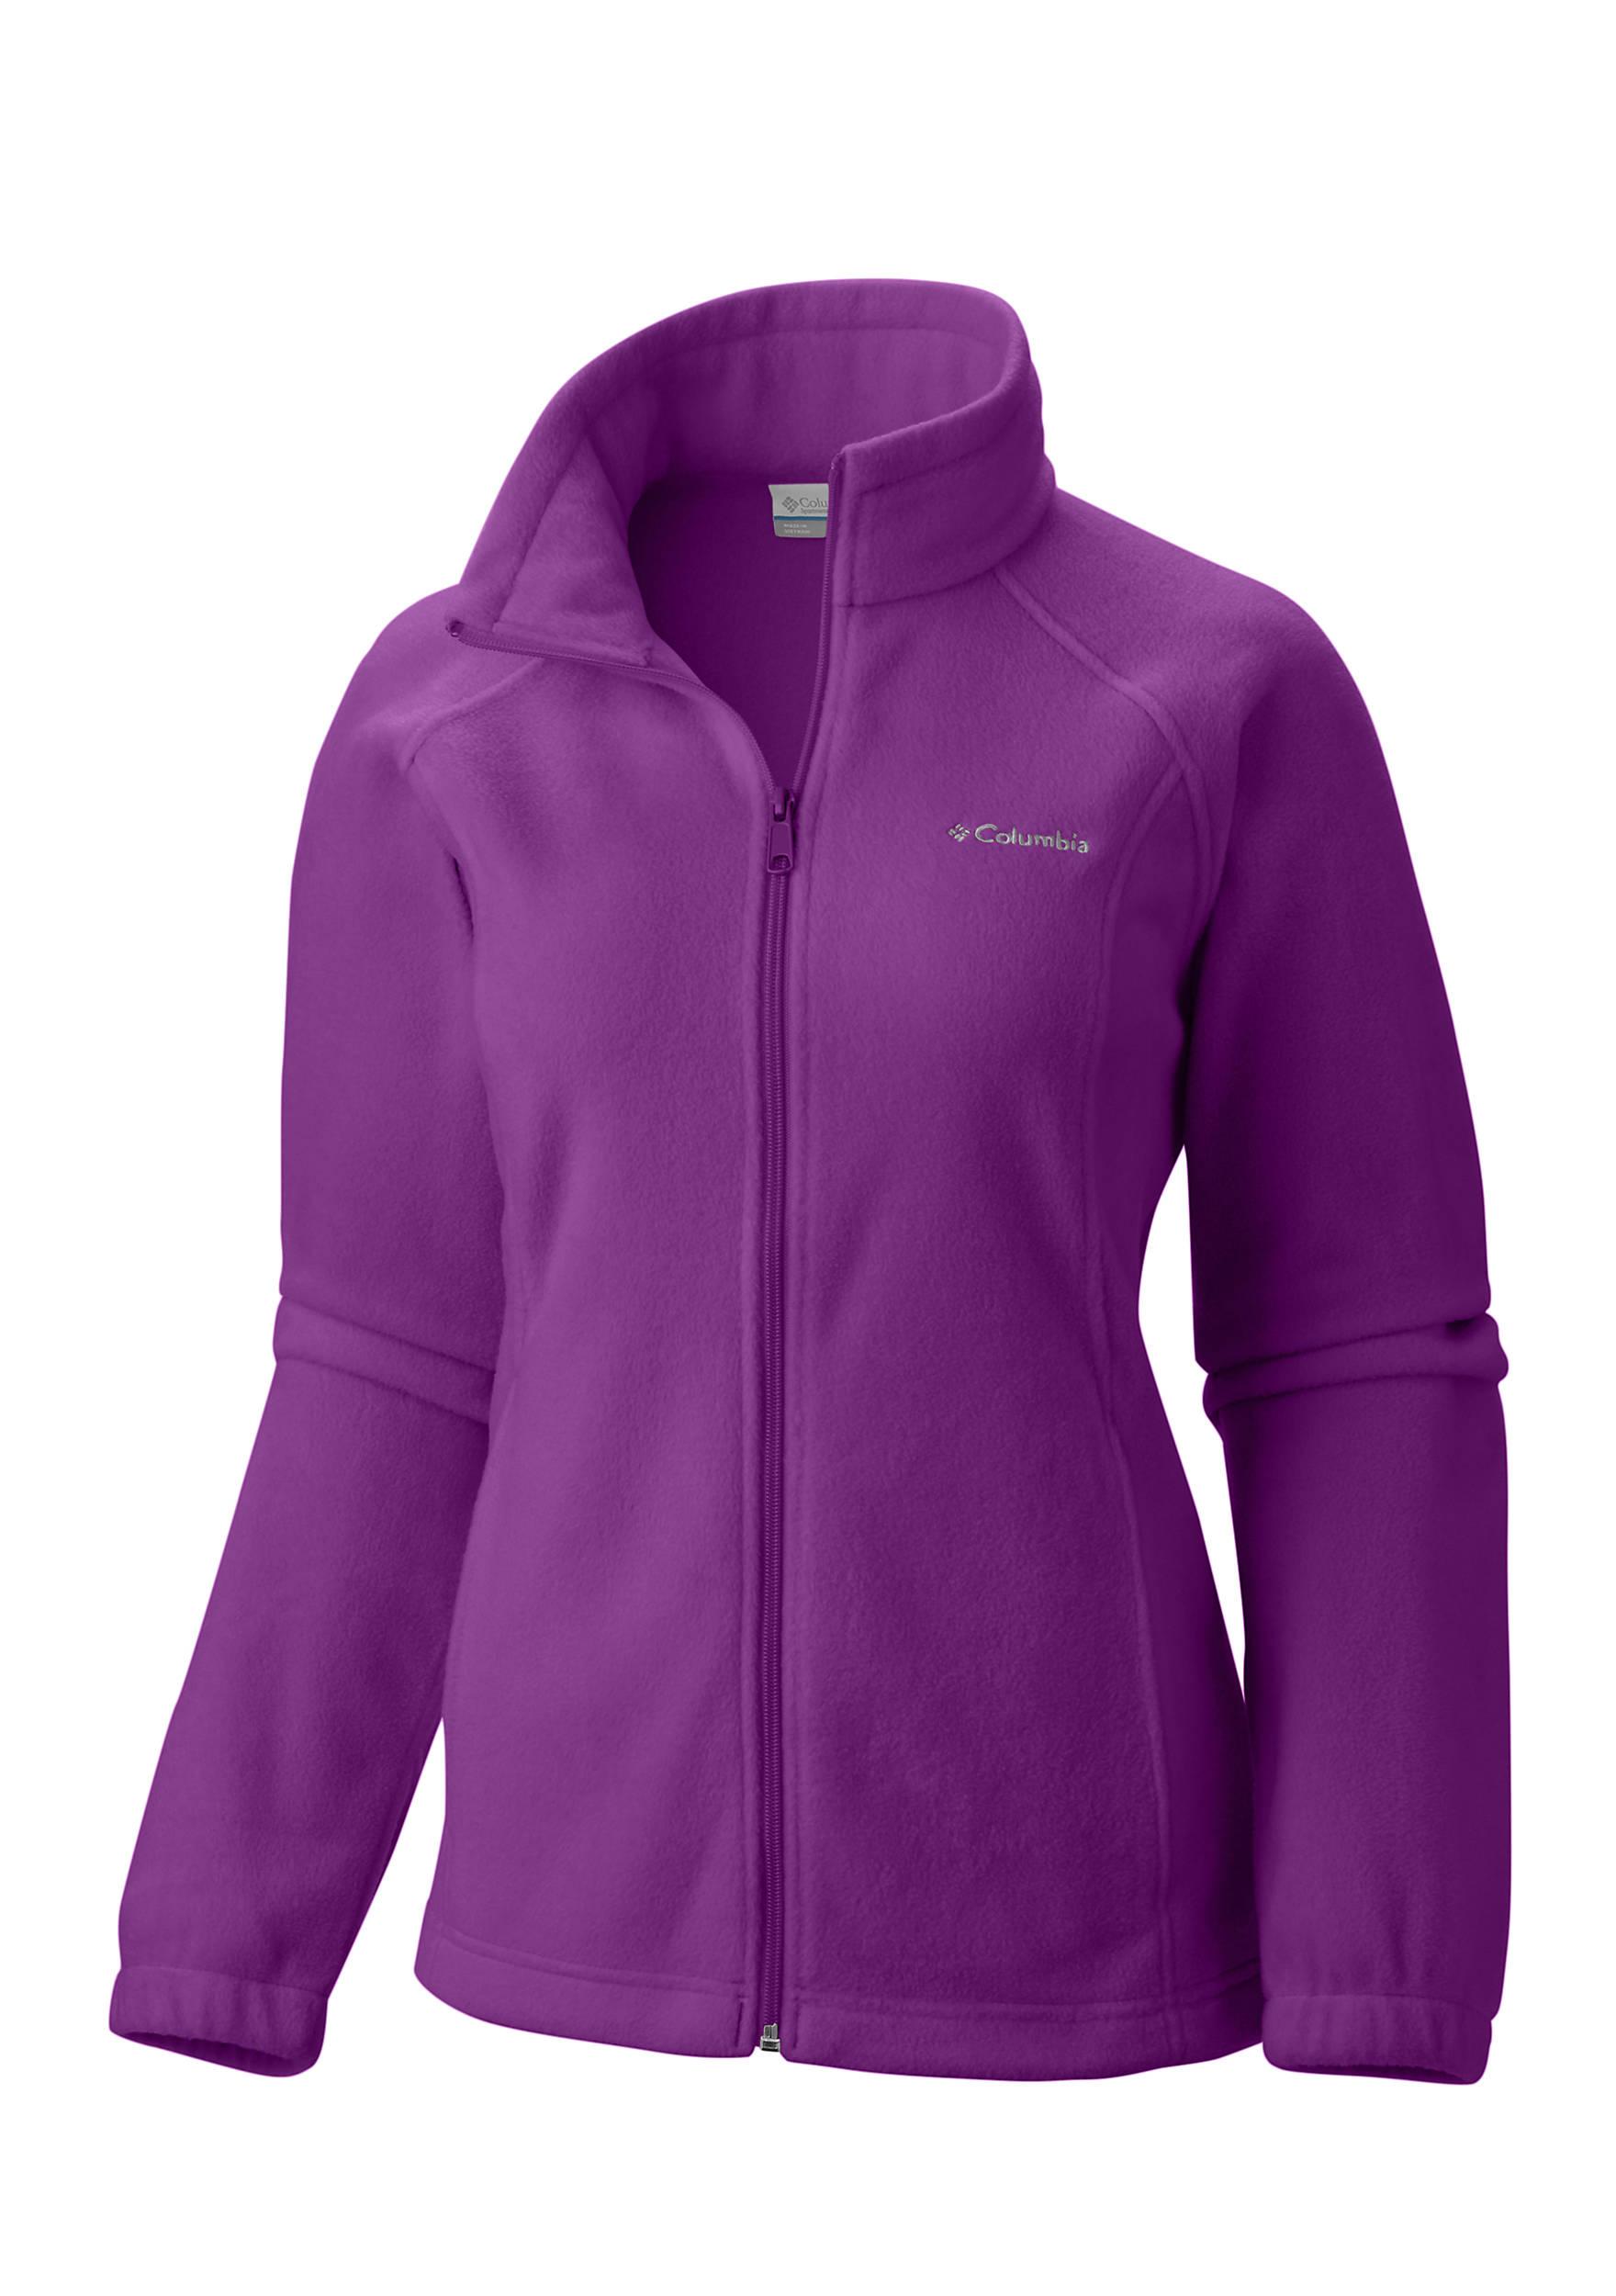 Columbia Women's Benton Springs Full Zip Fleece Jacket | belk